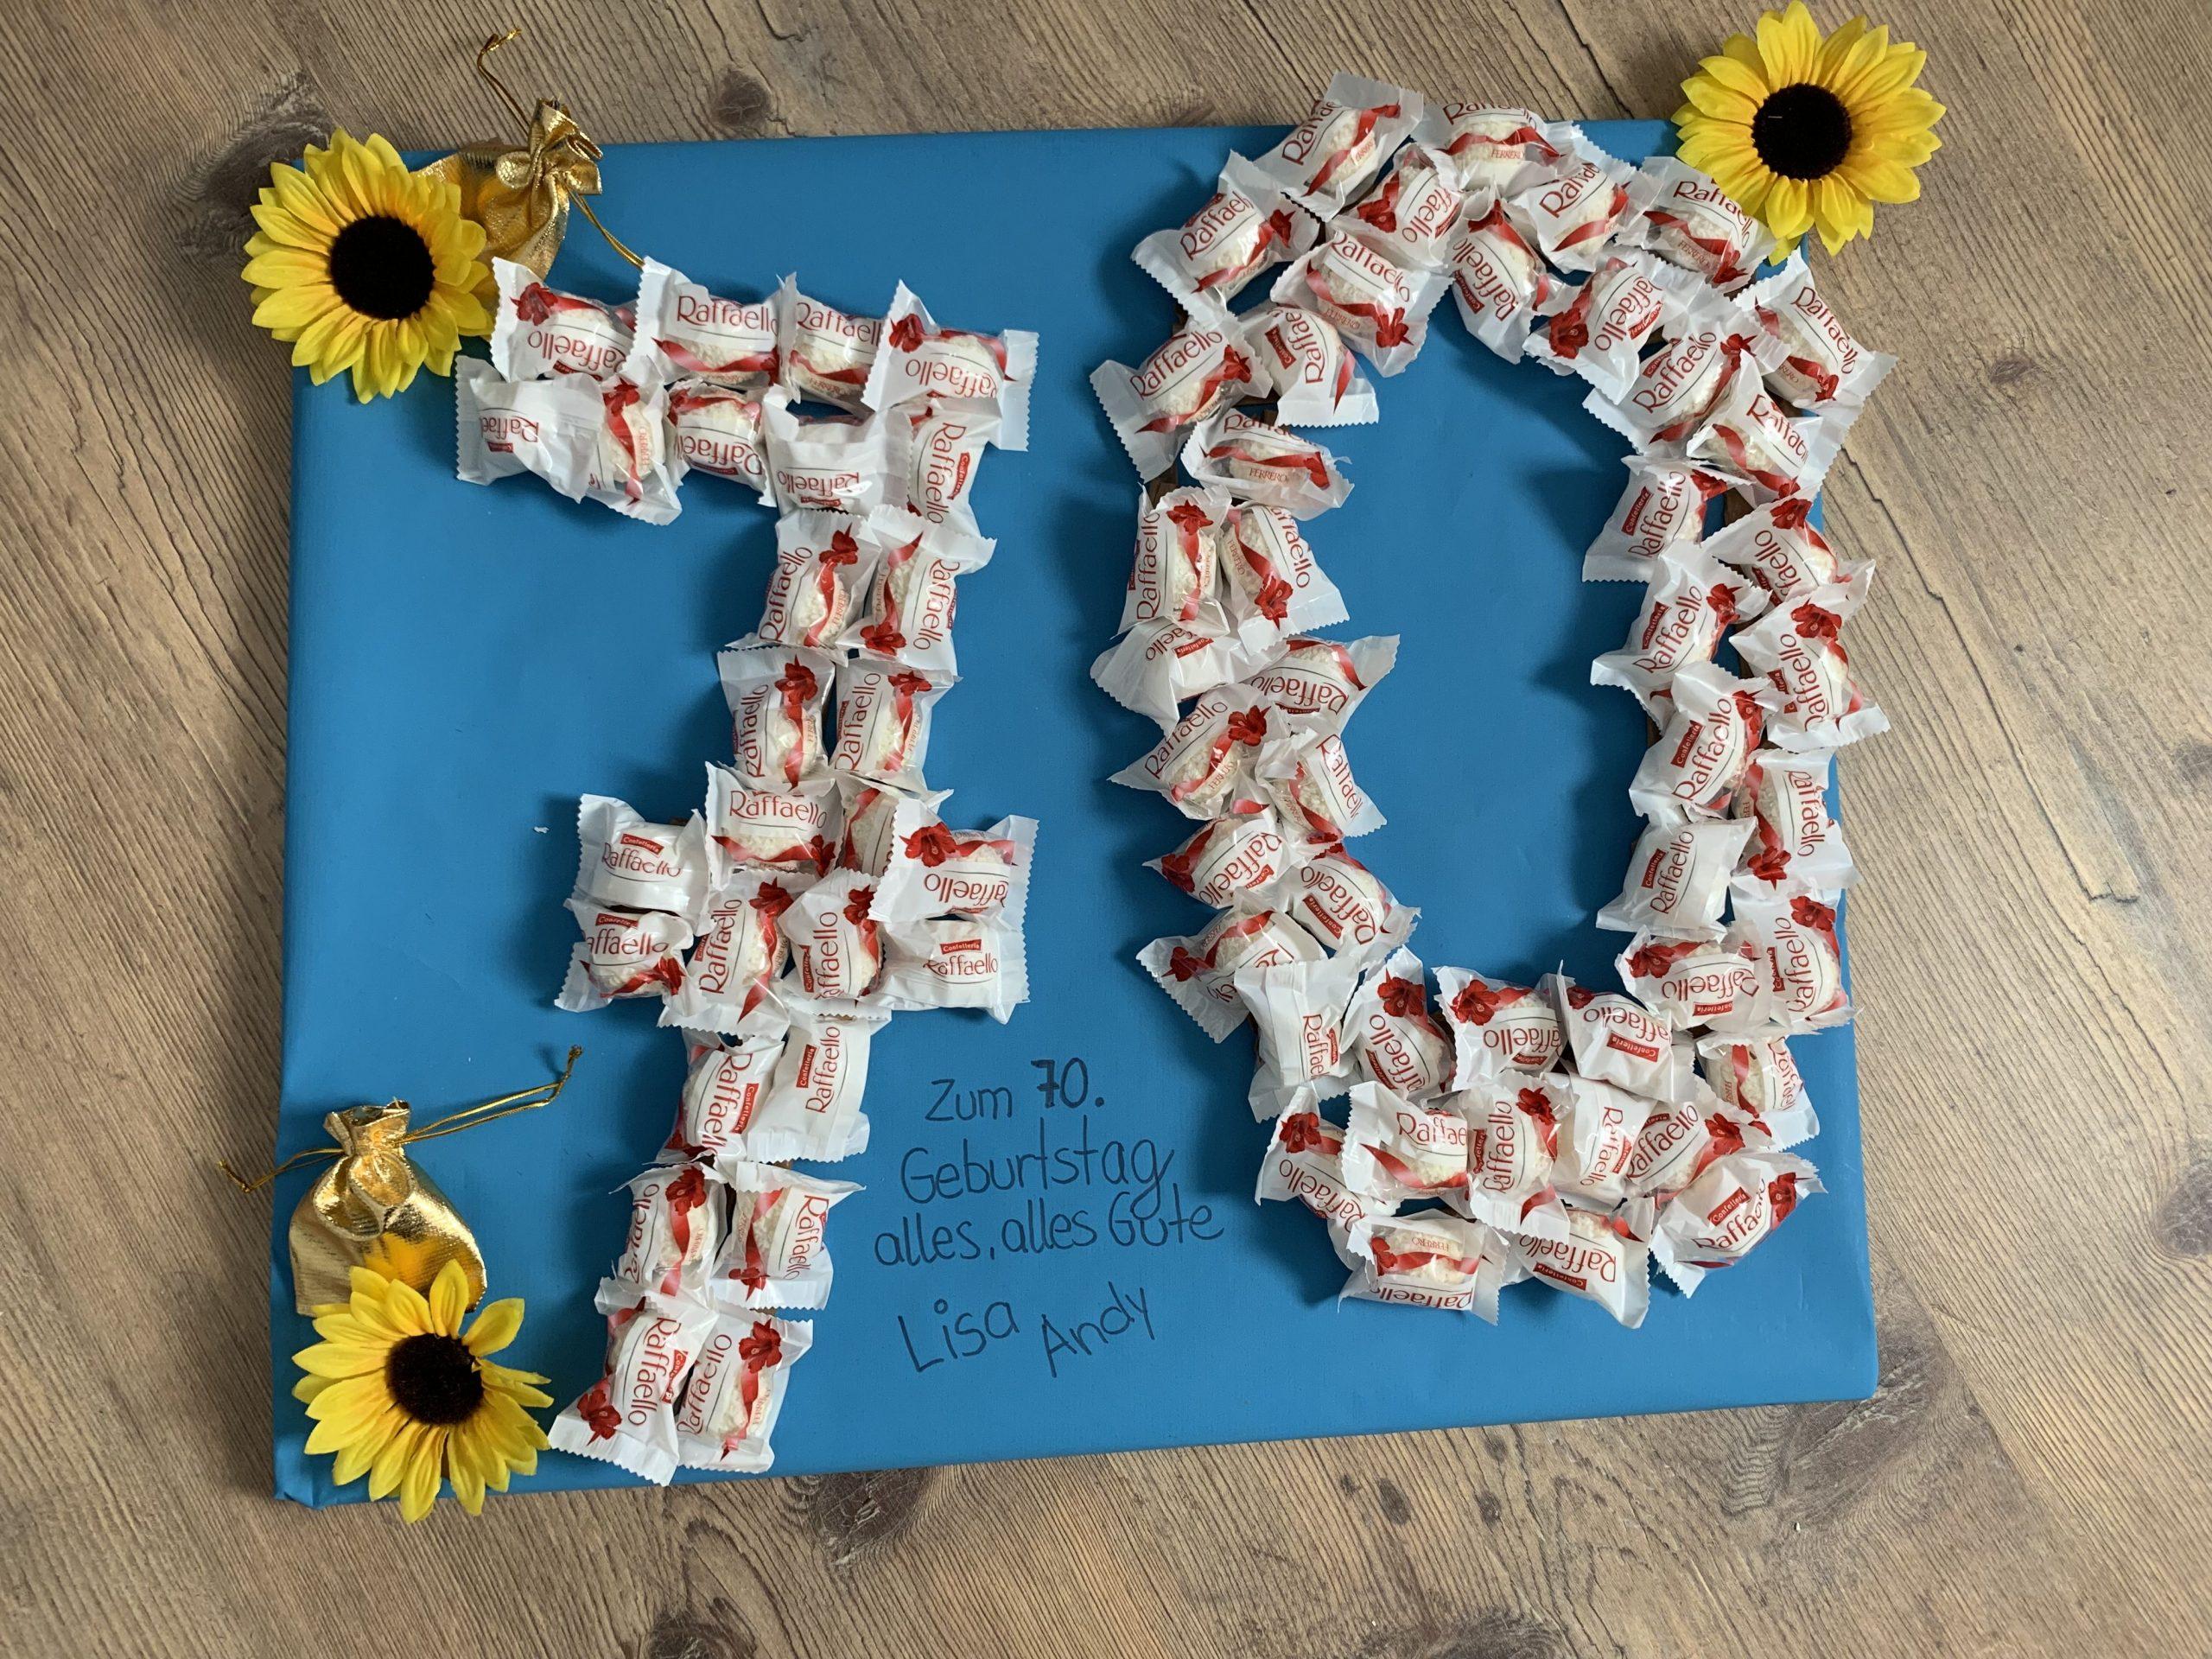 Geldgeschenk Zum 70. Geburtstag Wieviel